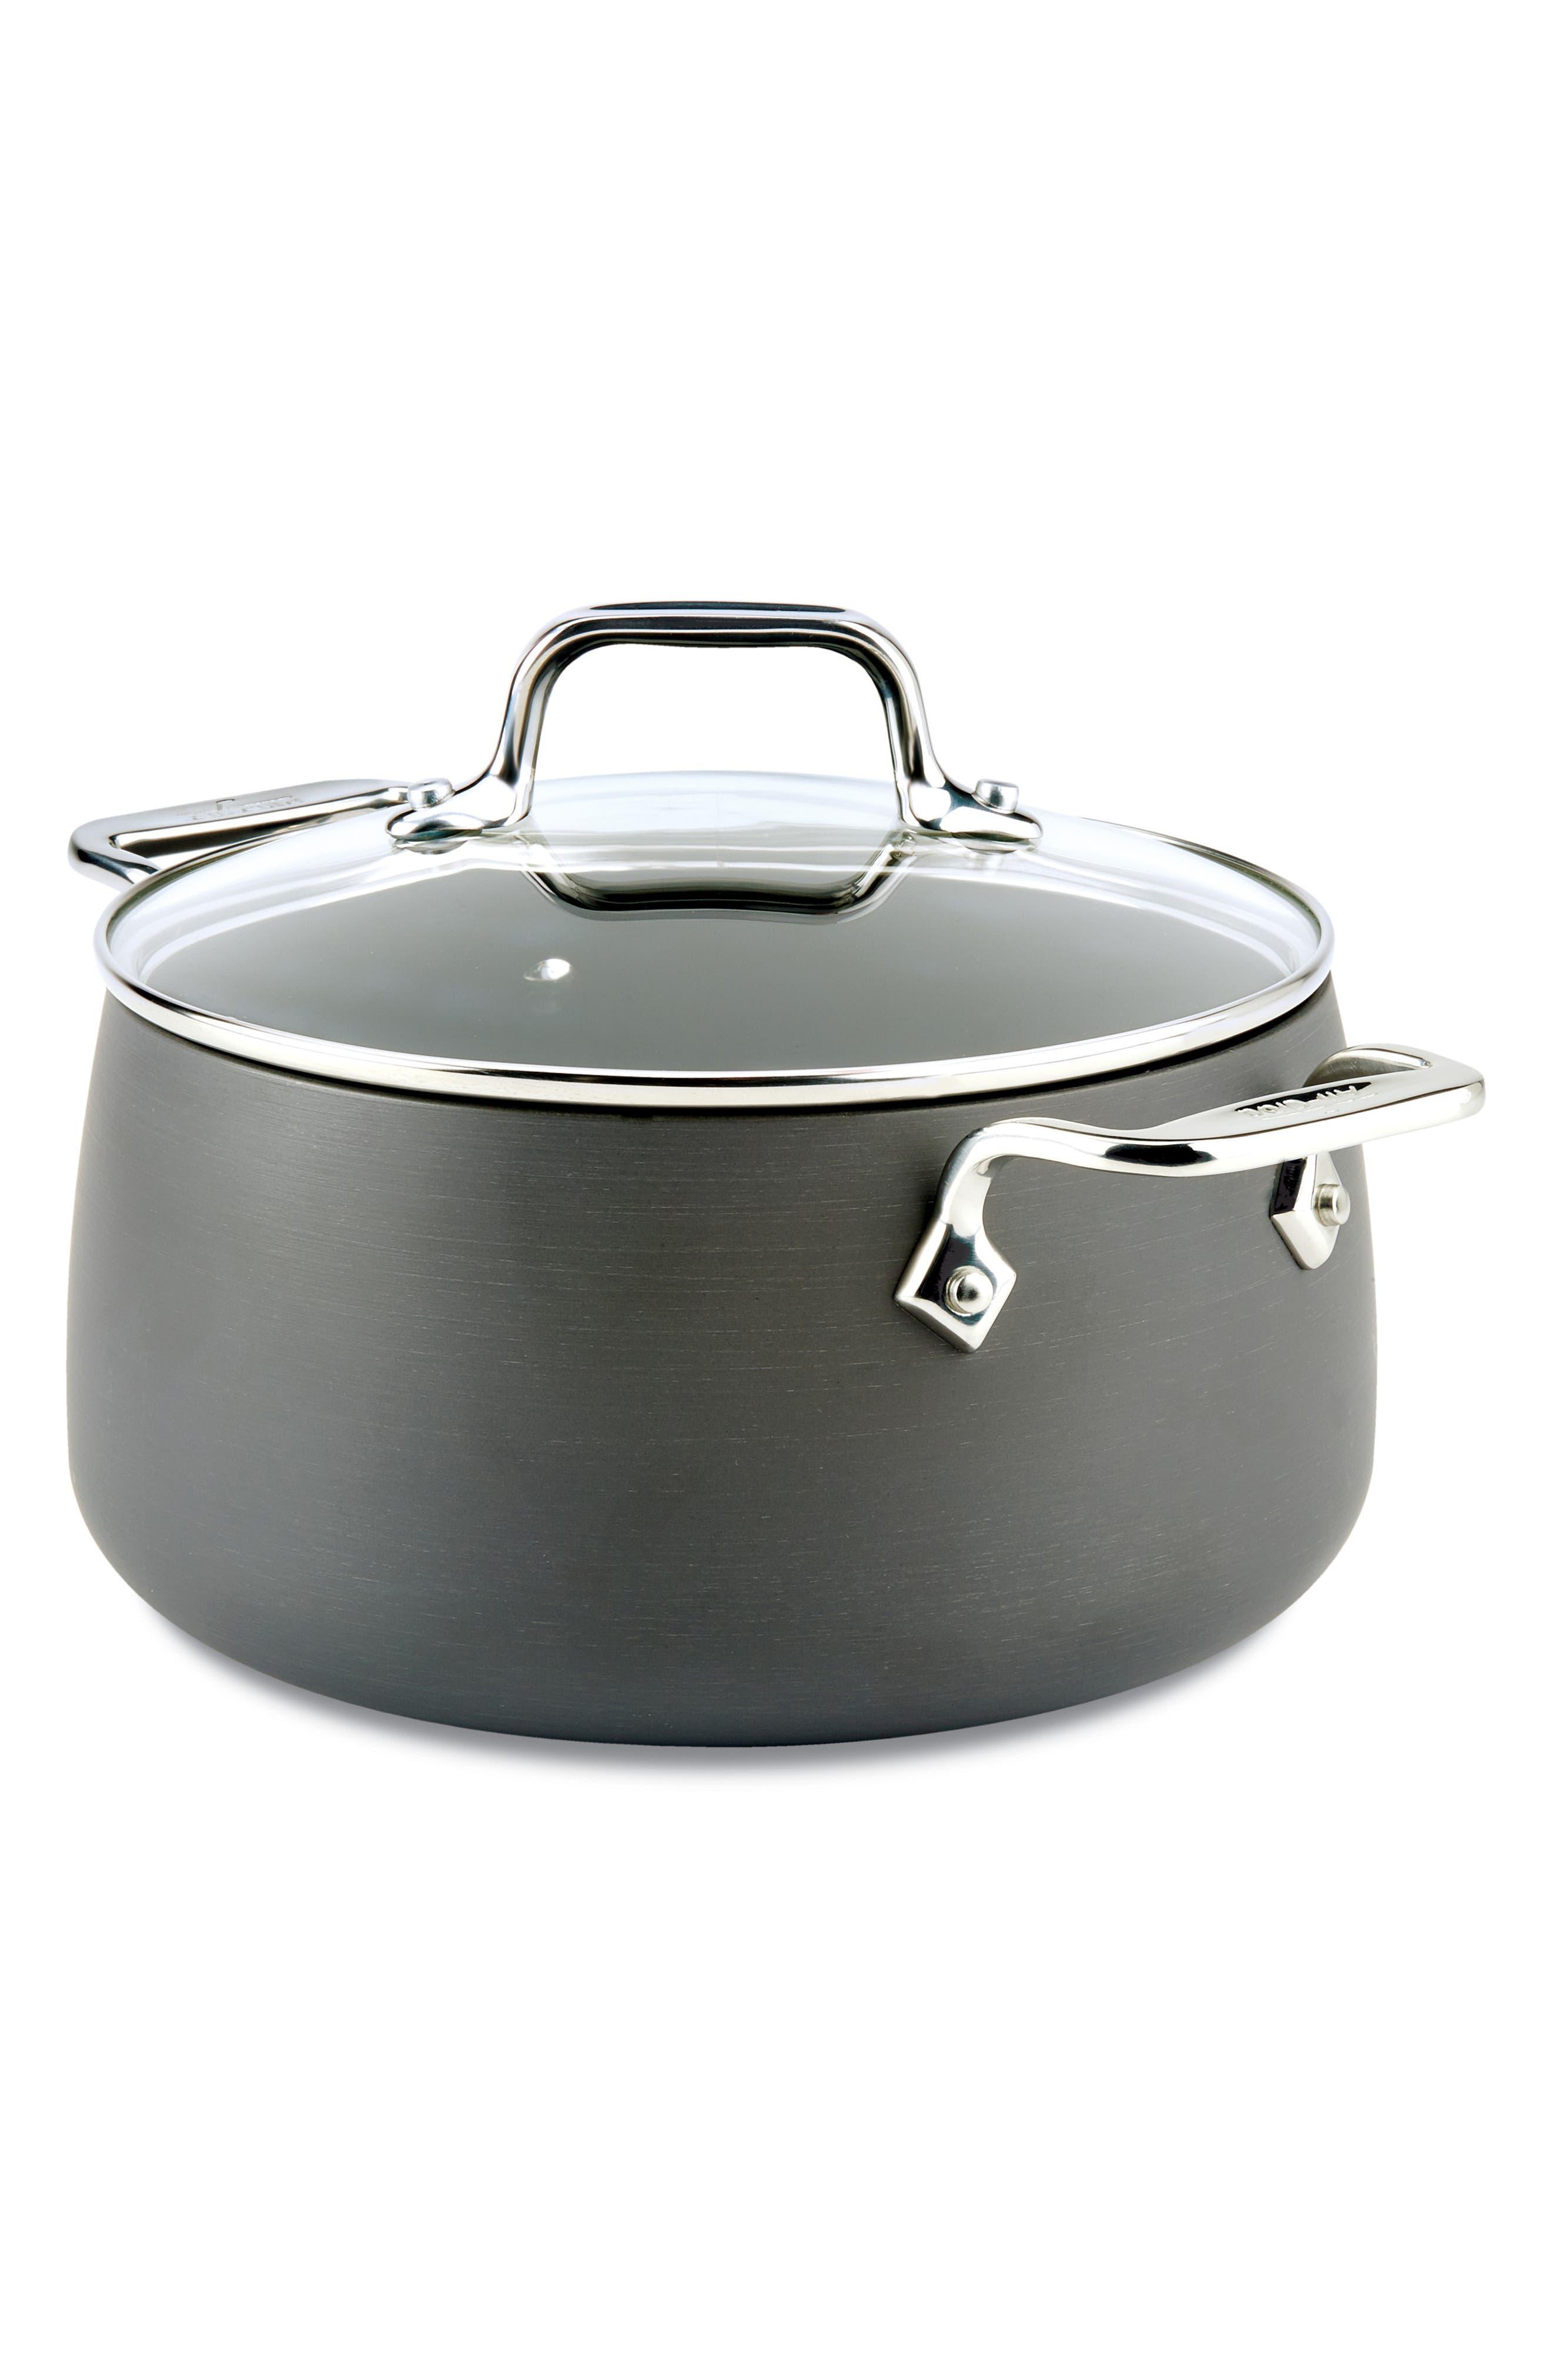 HA1 Hard Anodized 4-Quart Soup Pot with Lid,                             Main thumbnail 1, color,                             BLACK